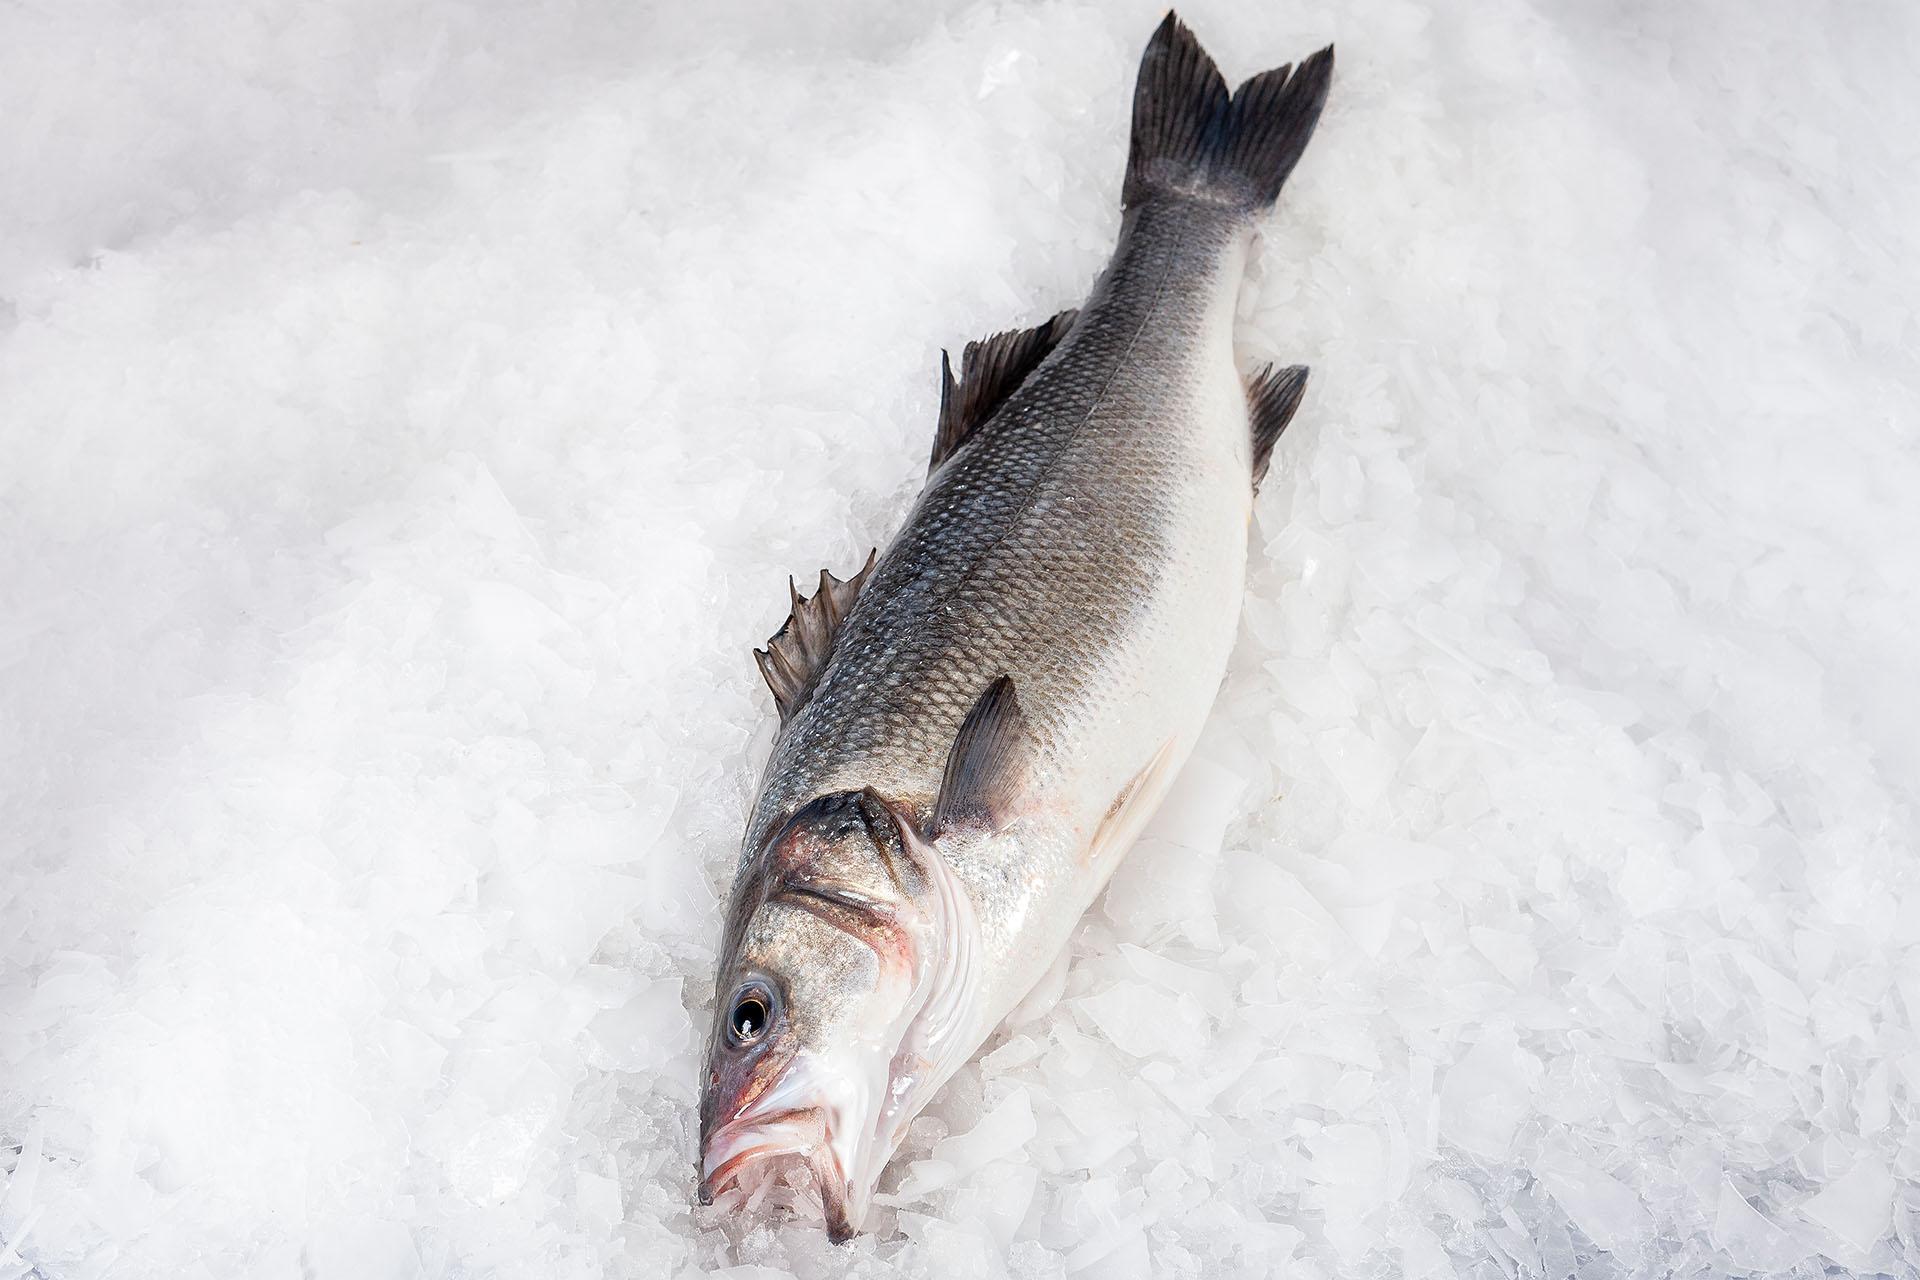 Frozen sea bass